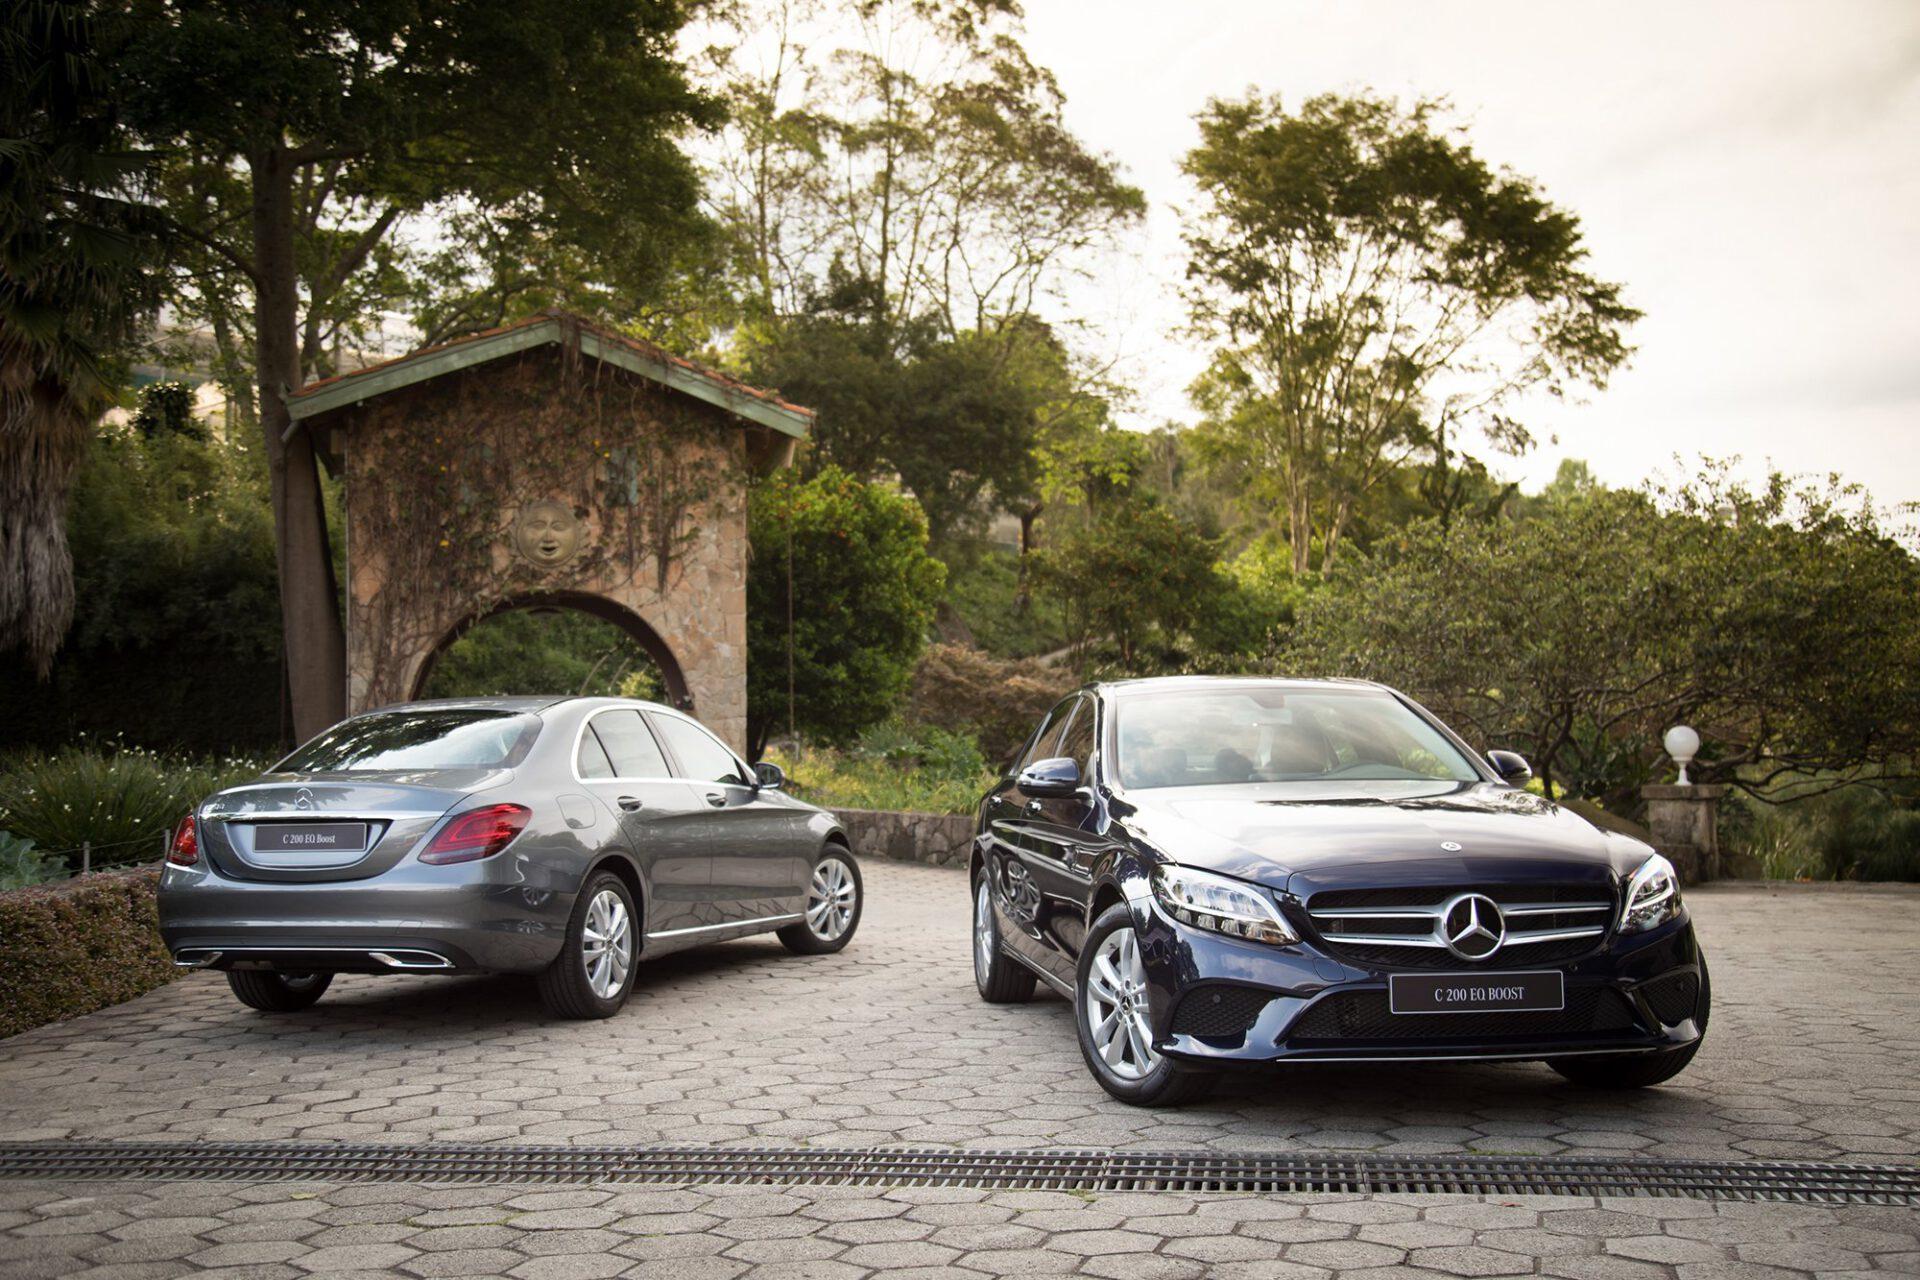 Mercedes Benz C200 EQ Boost